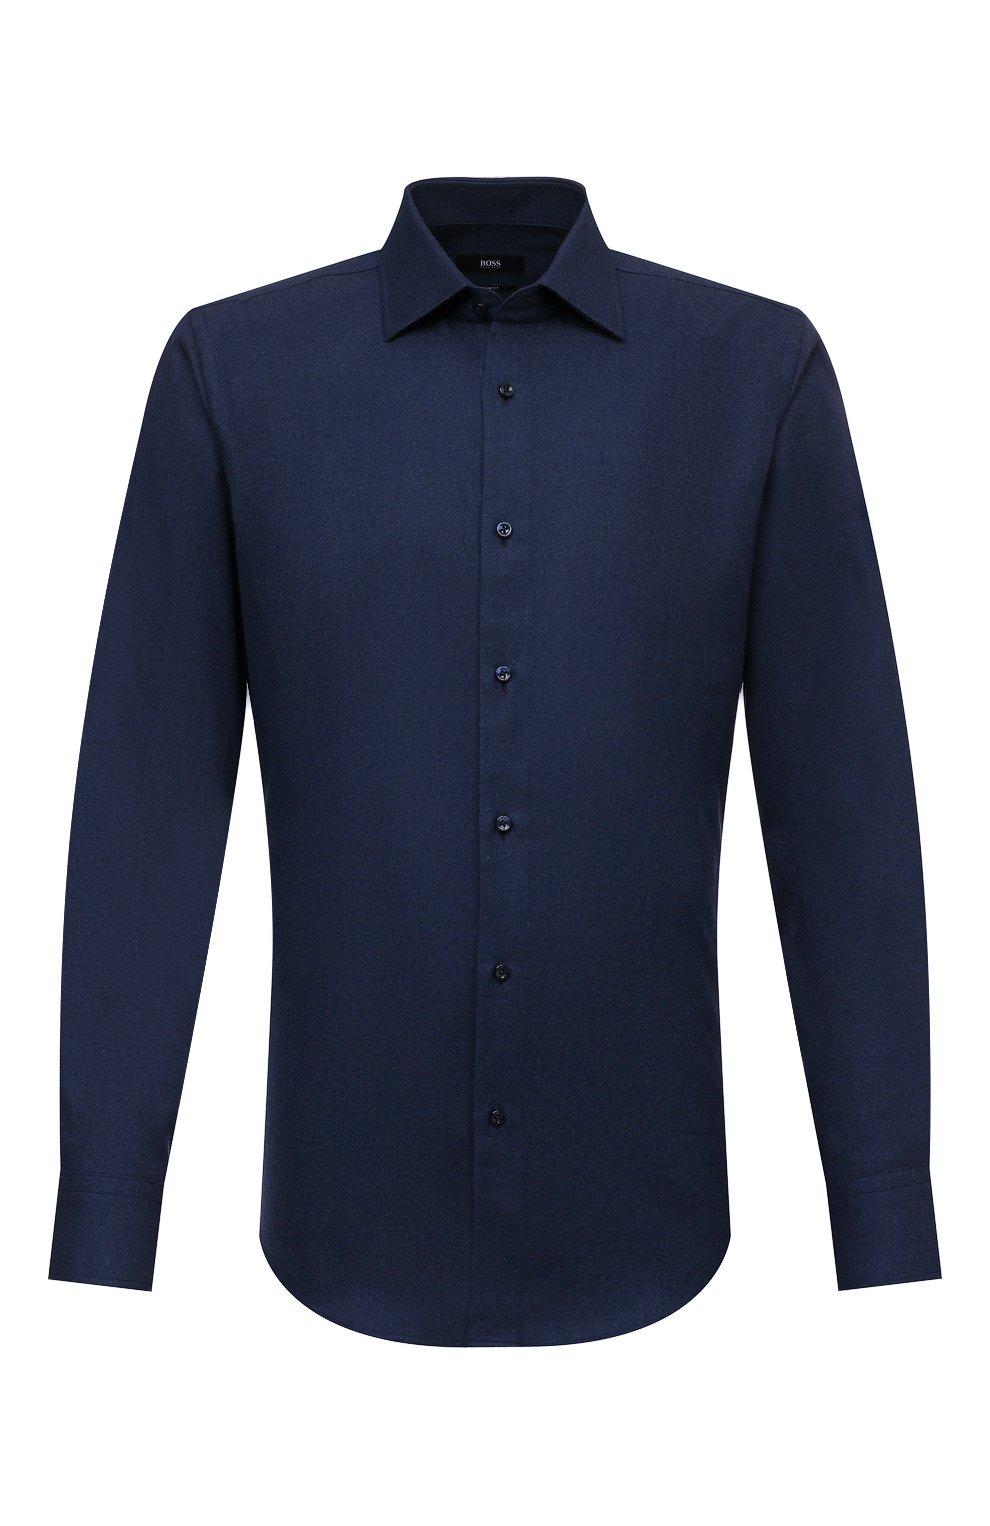 Мужская хлопковая рубашка BOSS темно-синего цвета, арт. 50460111   Фото 1 (Манжеты: На пуговицах; Воротник: Кент; Рукава: Длинные; Случай: Повседневный; Длина (для топов): Стандартные; Материал внешний: Хлопок; Принт: Однотонные; Стили: Кэжуэл)